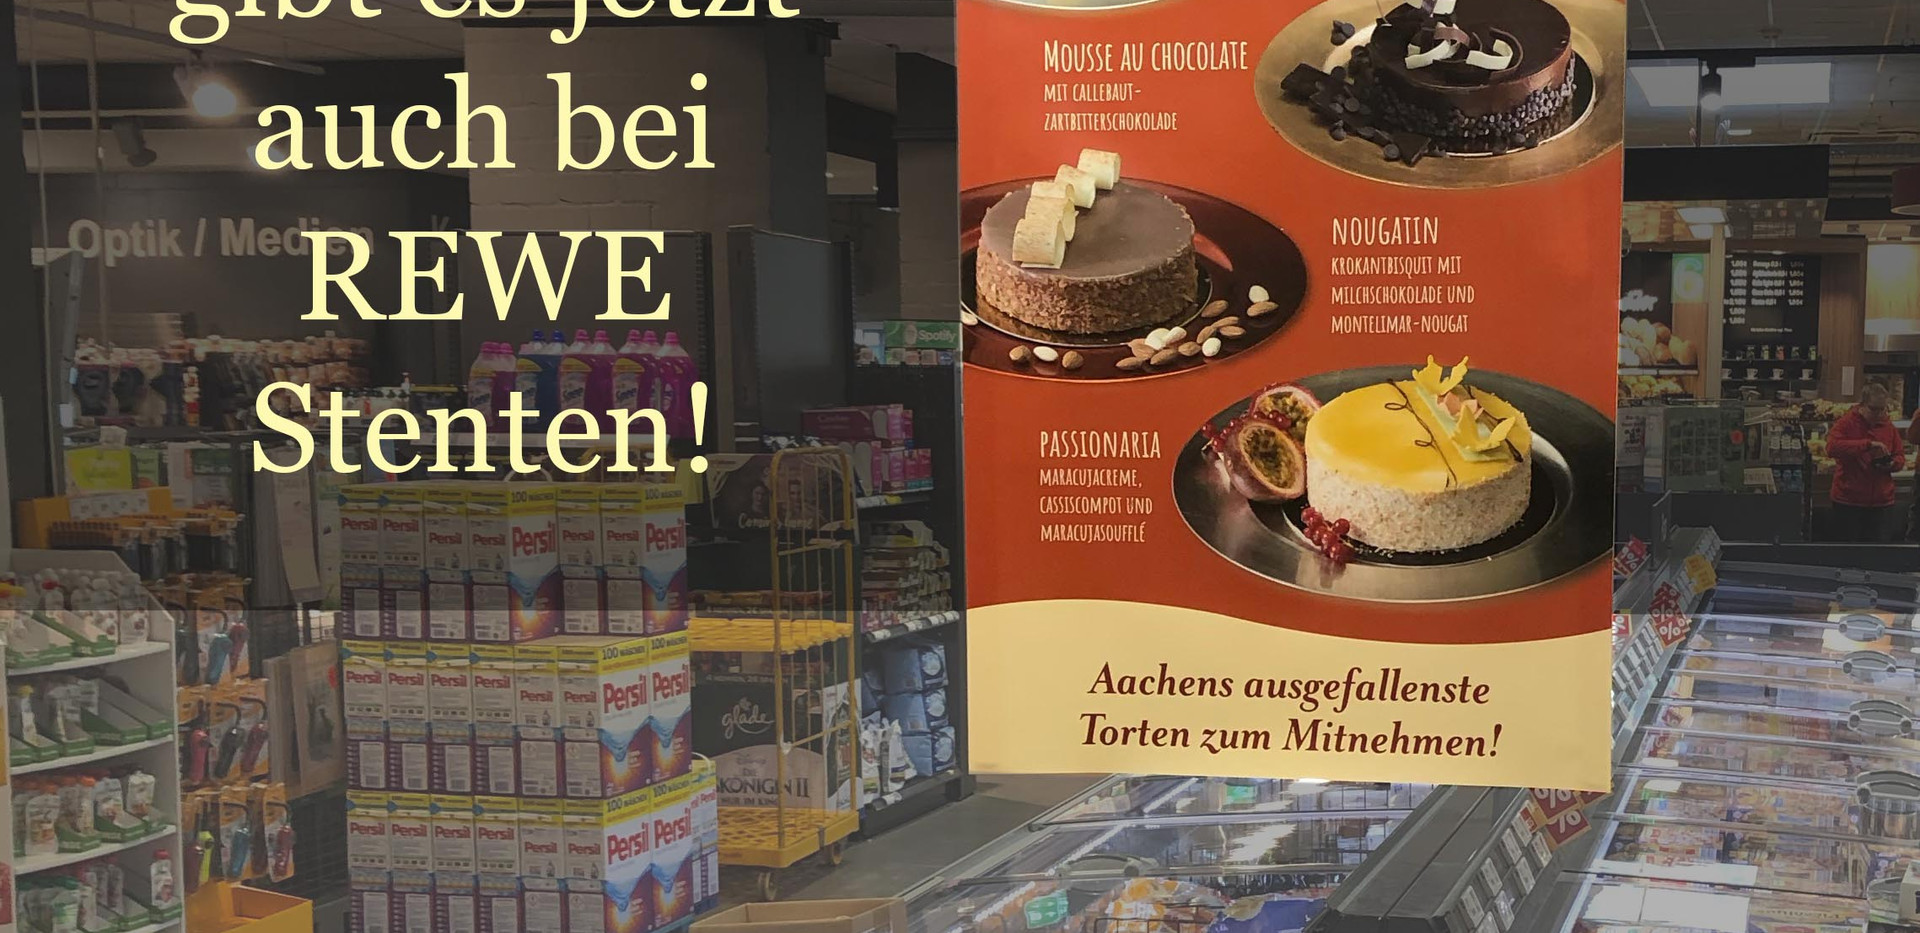 Die Torten vom Cafe Liege gibt es nun auch bei Rewe Stenten in Aachen!